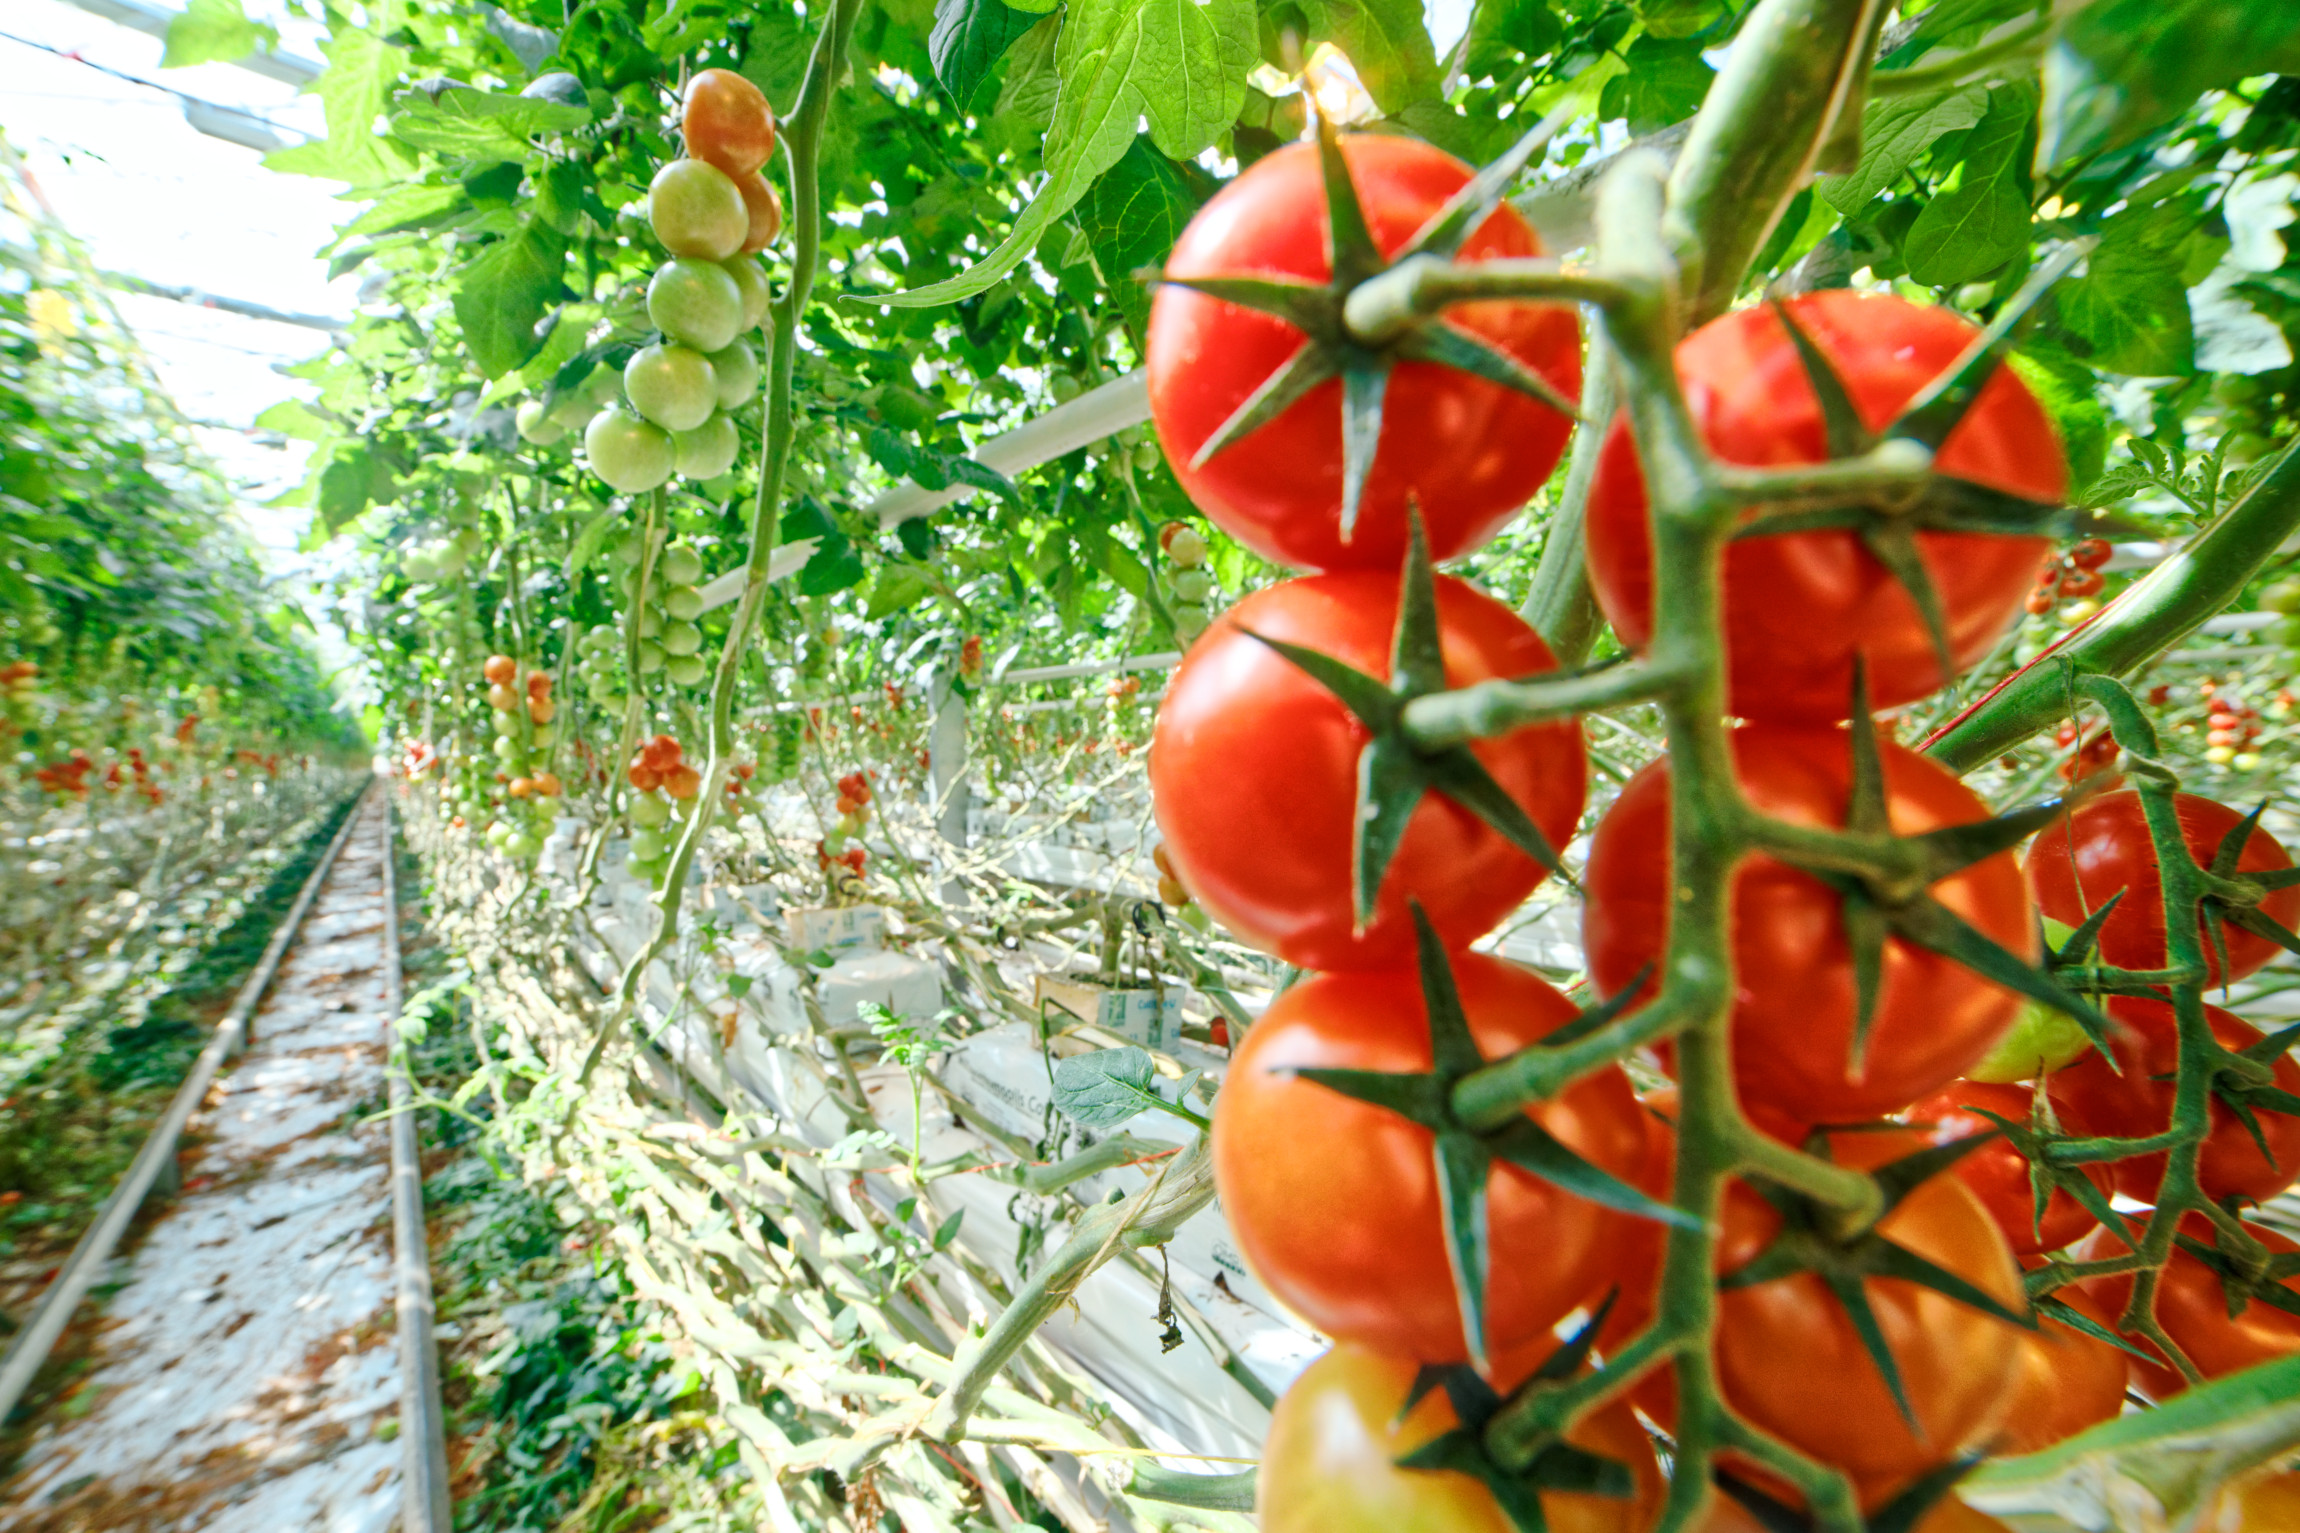 Kvalitné domáce paradajky od slovenských farmárov si môžu celoročne vychutnať zákazníci Tesca. Reťazec od novembra minulého roka spustil spoluprácu so spoločnosťou Paradajkovo z Bratislavy, ktorá dodáva do predajní Tesco tie najlepšie slovenské cherry paradajky.